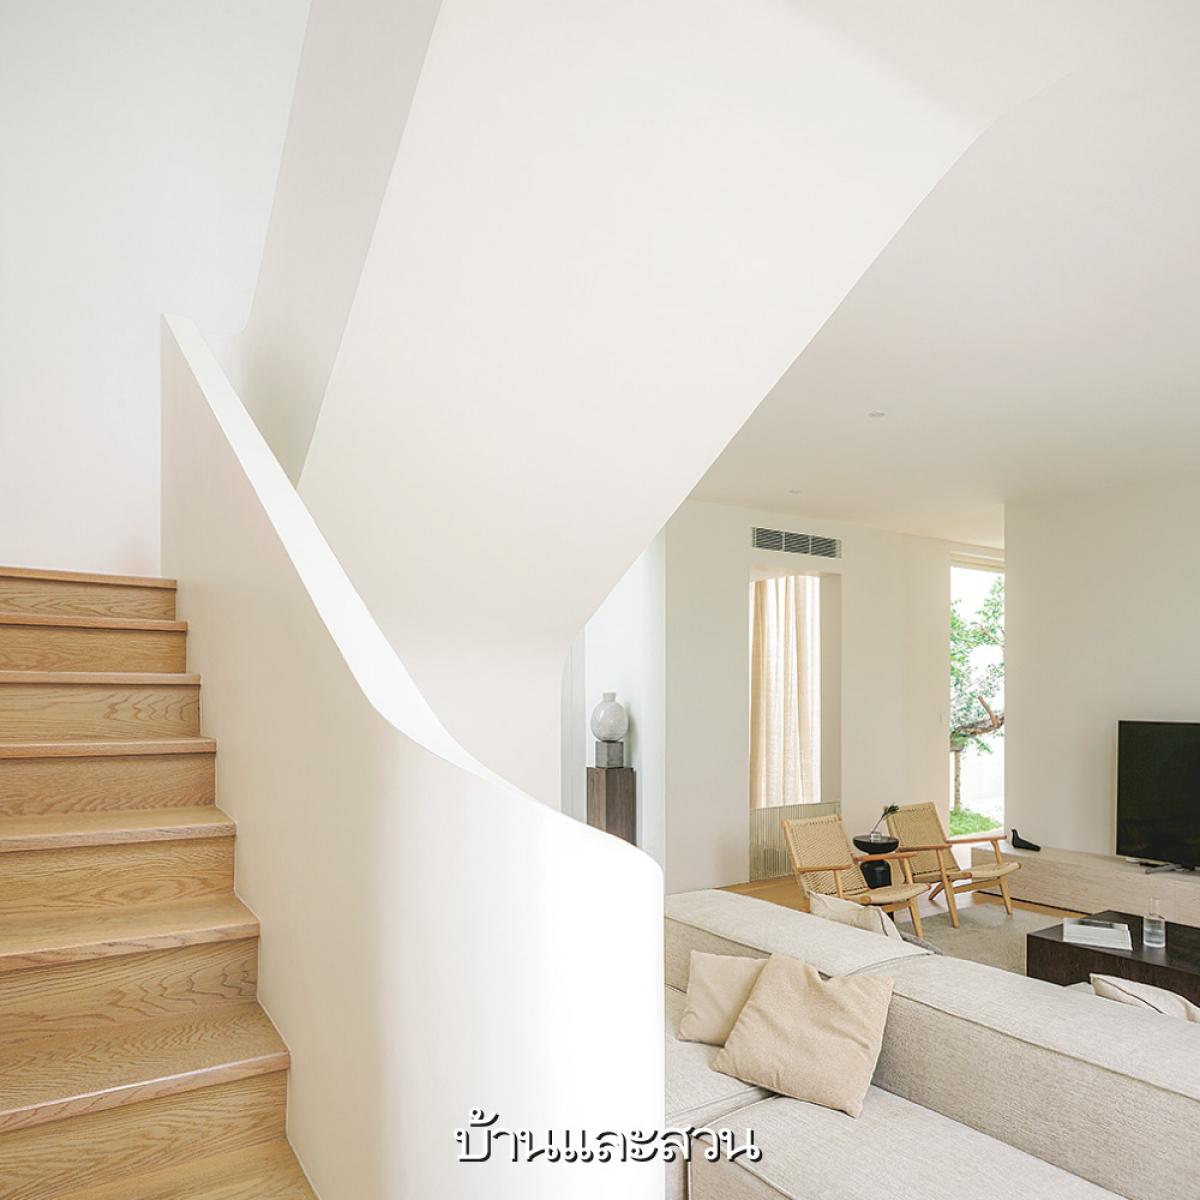 Đường cong của bậc cầu thang đi lên tuy đơn giản nhưng mang lại sự sang trọng, hiện đại.